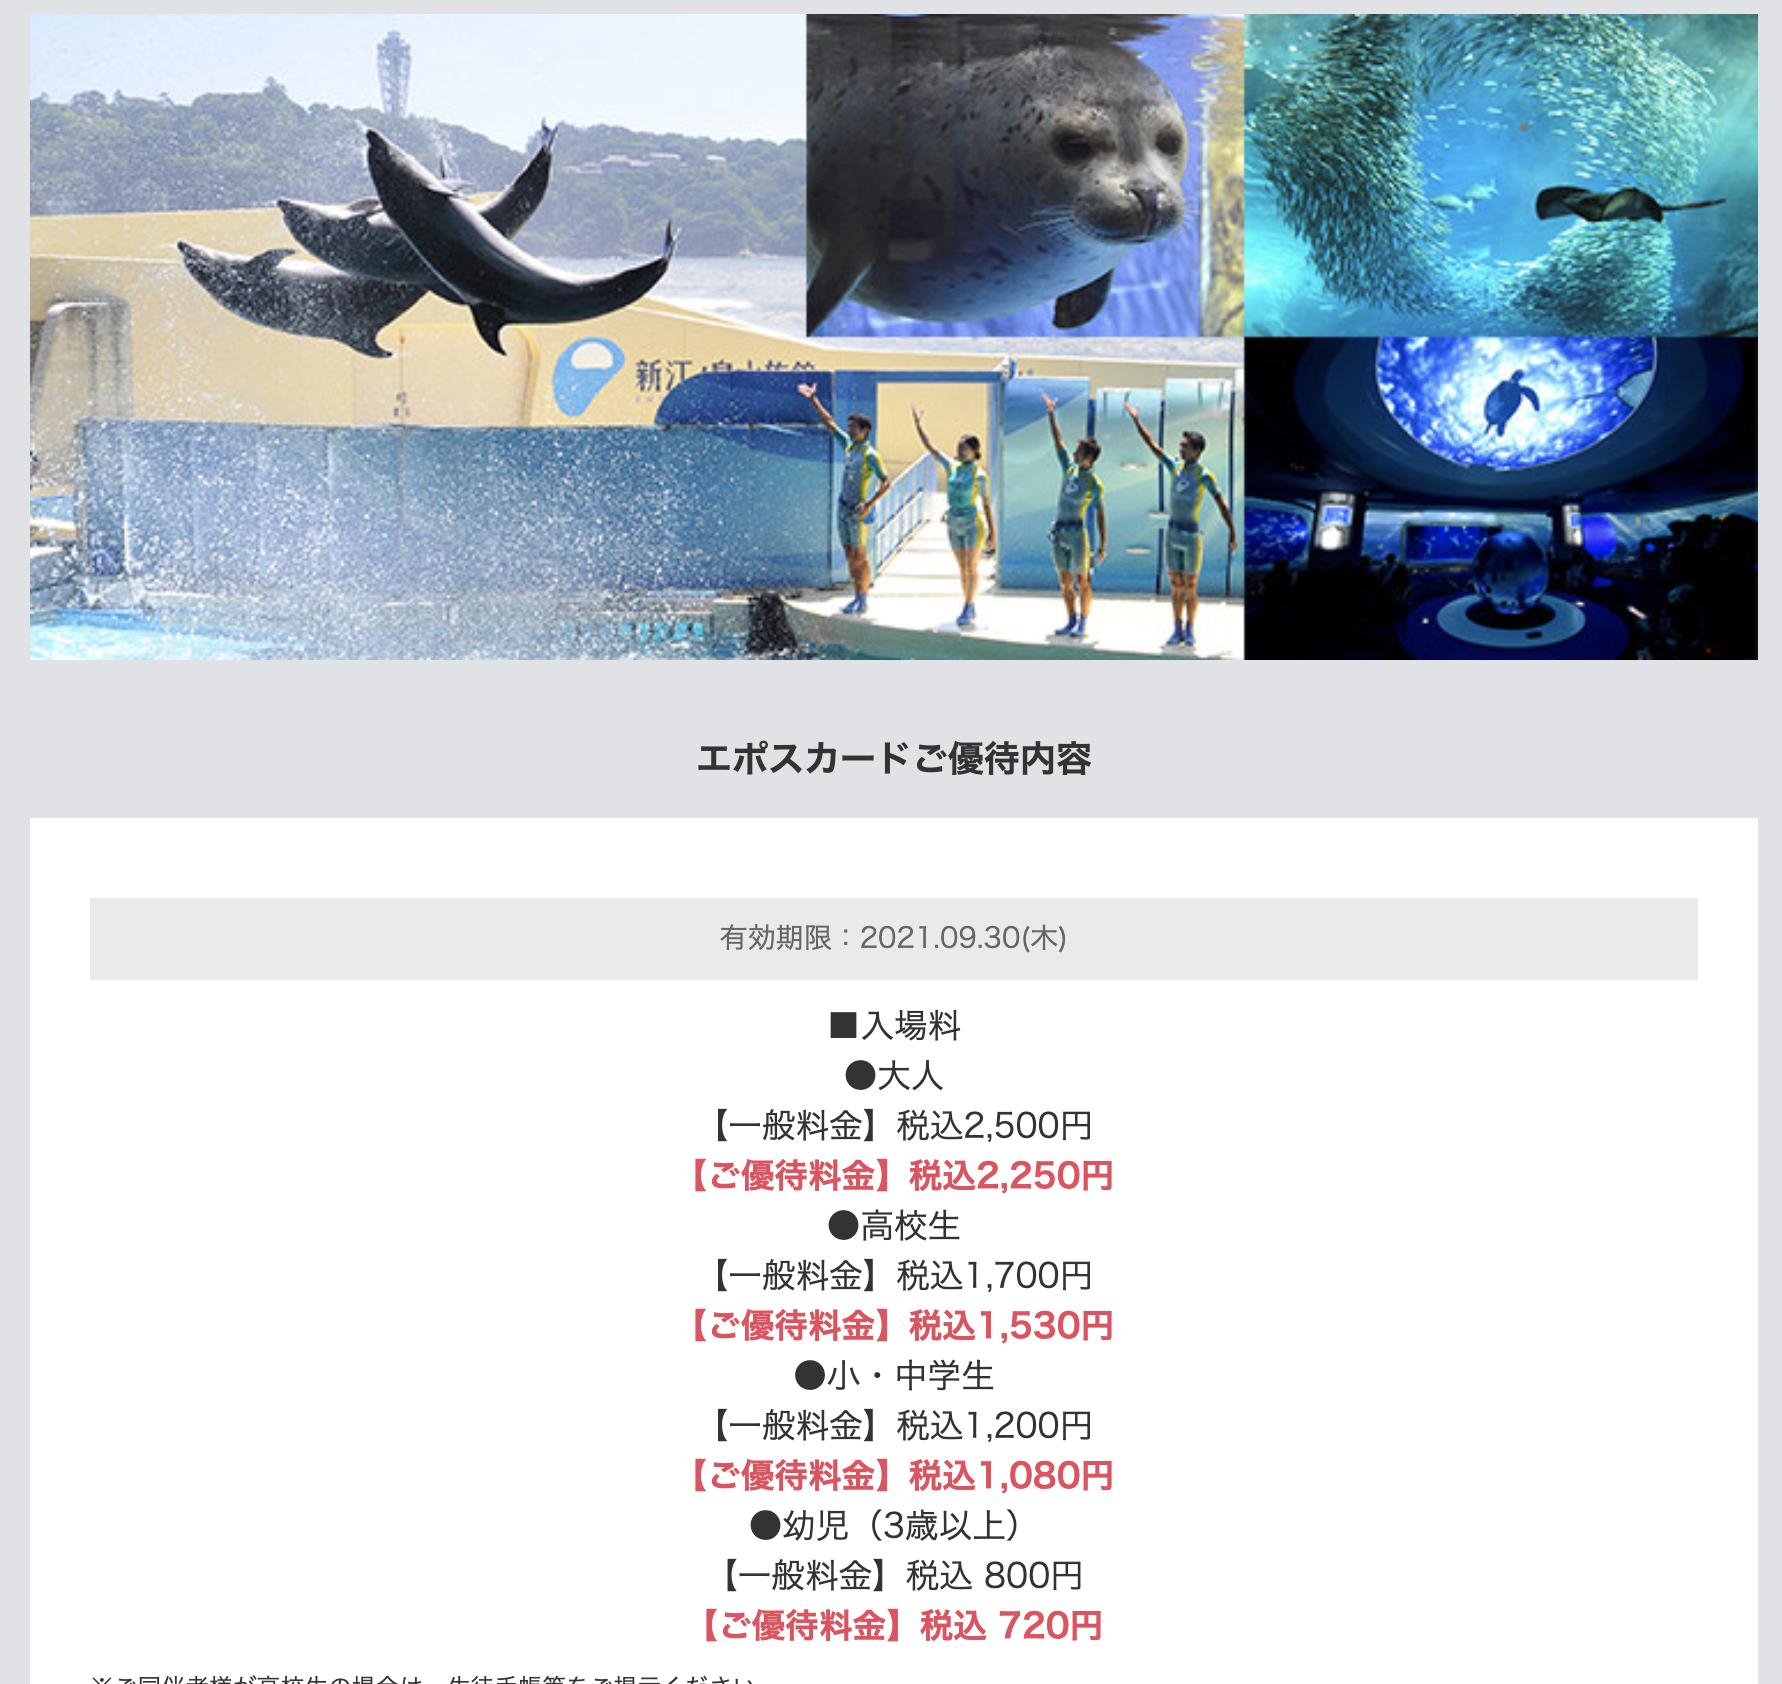 江ノ島水族館割引